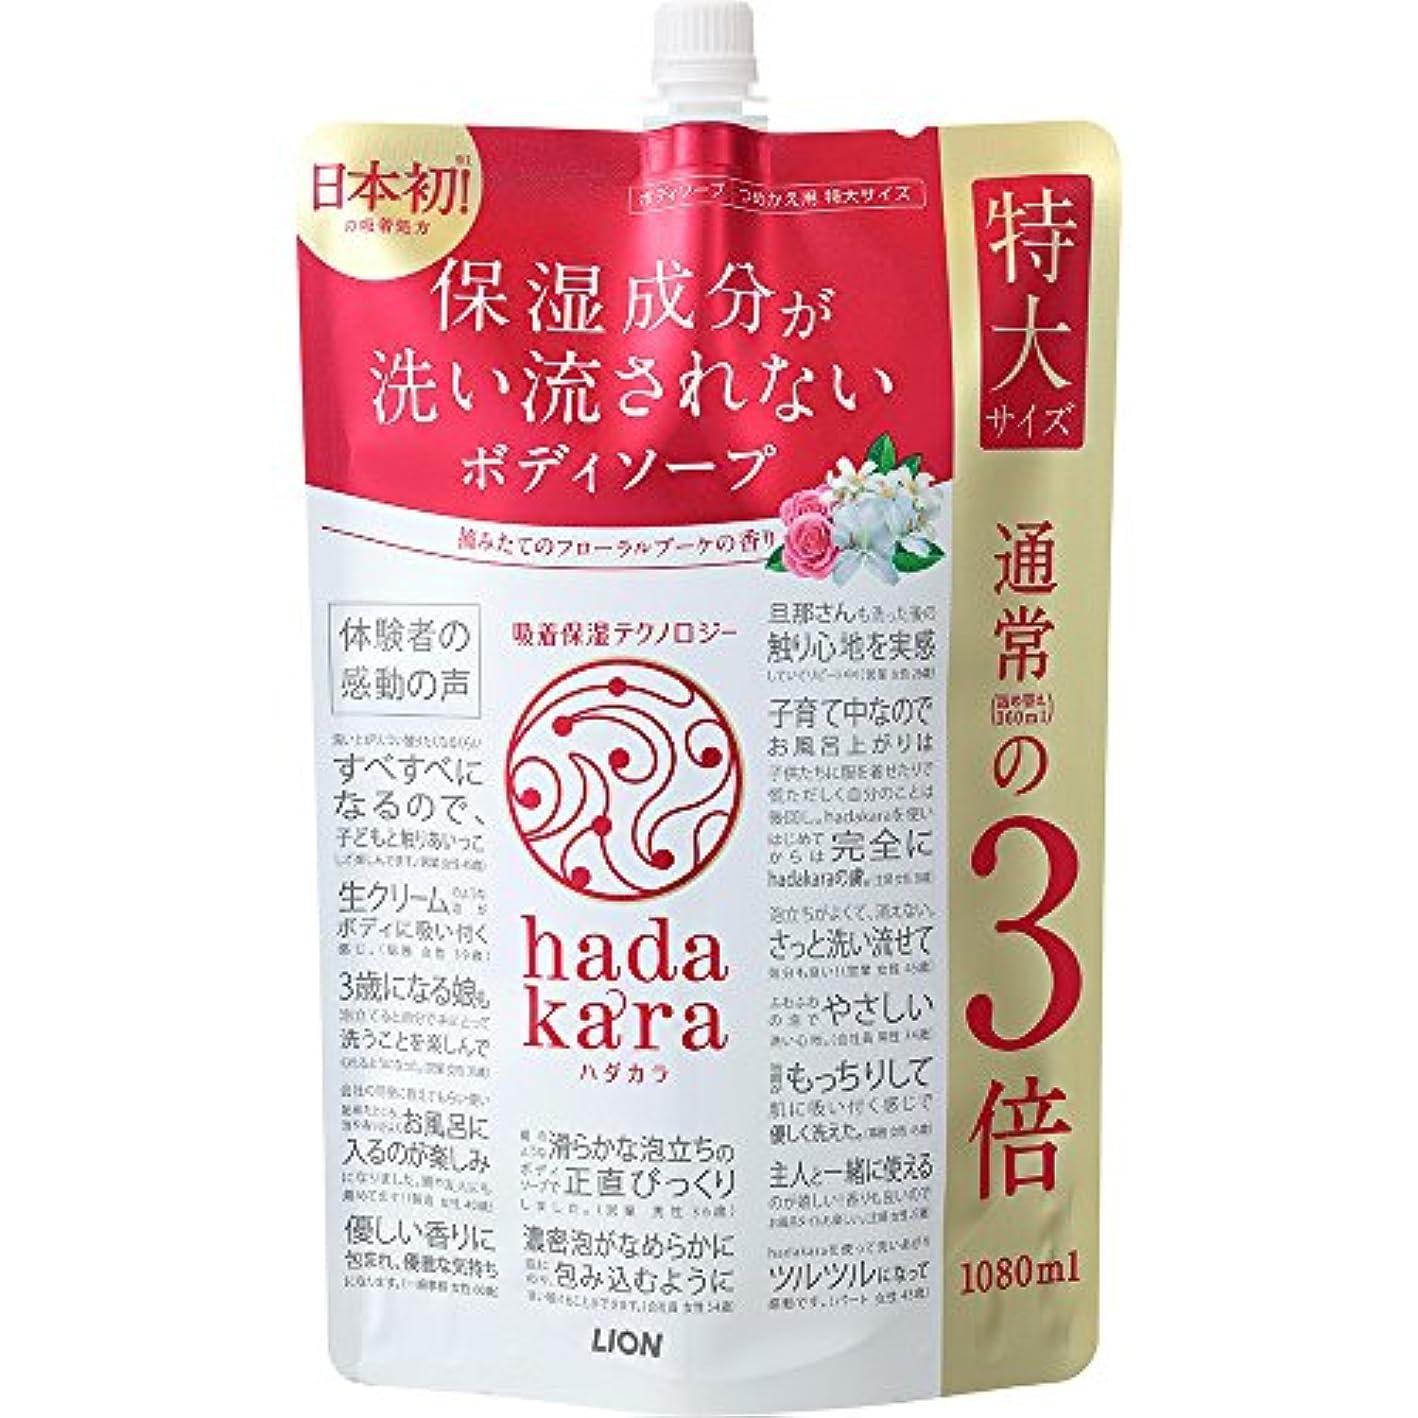 区画見出しエラー【大容量】hadakara(ハダカラ) ボディソープ フローラルブーケの香り 詰め替え 特大 1080ml